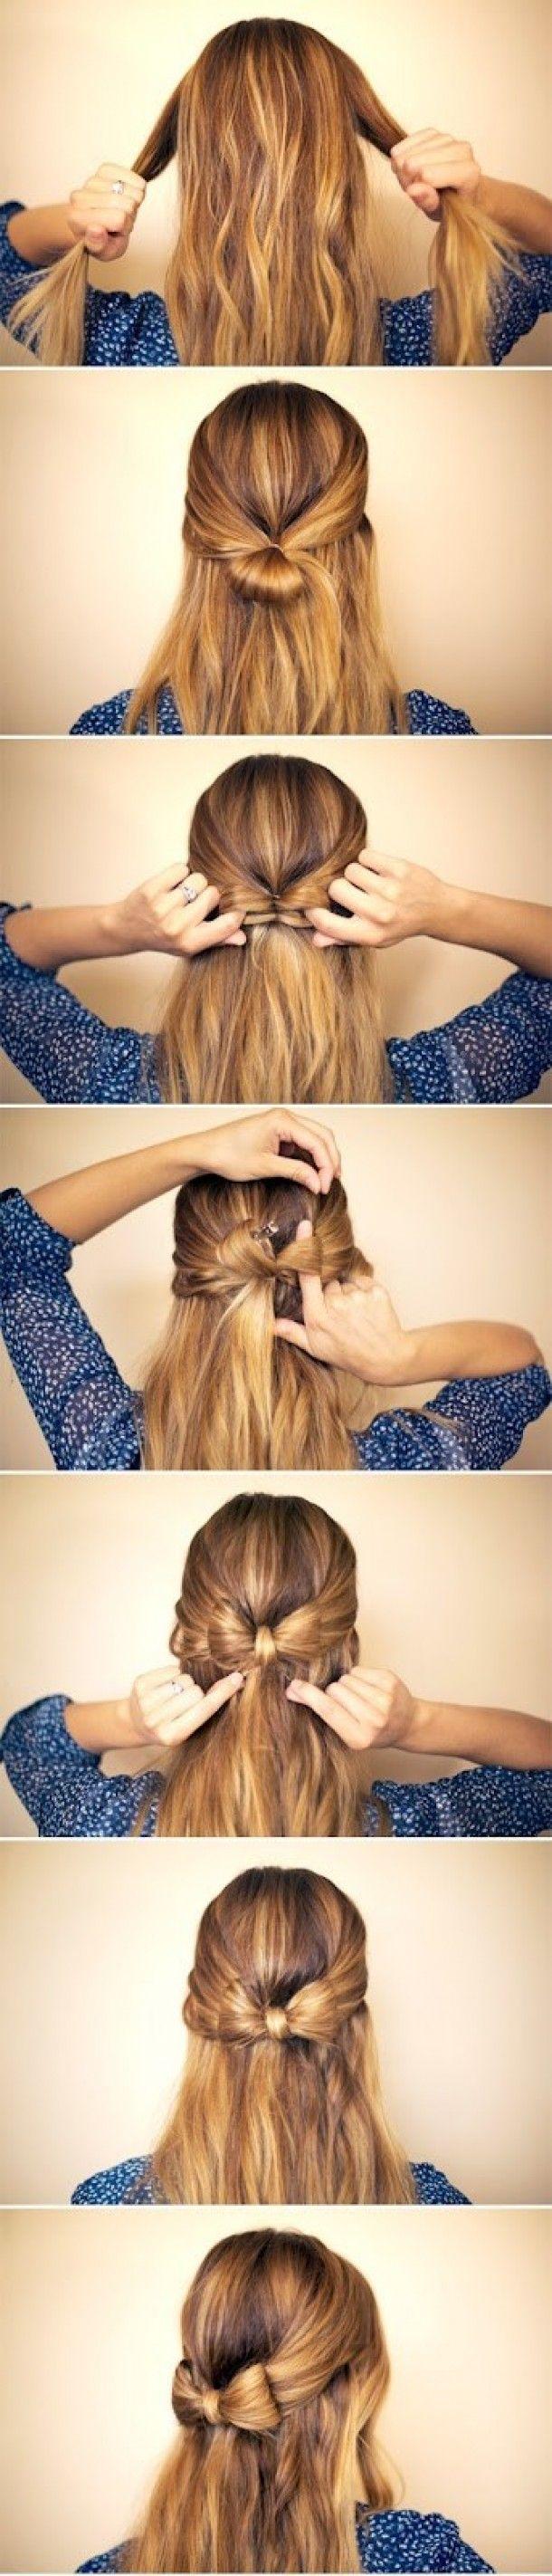 This is sooooo cute❤️ love the bow hair💁🏽